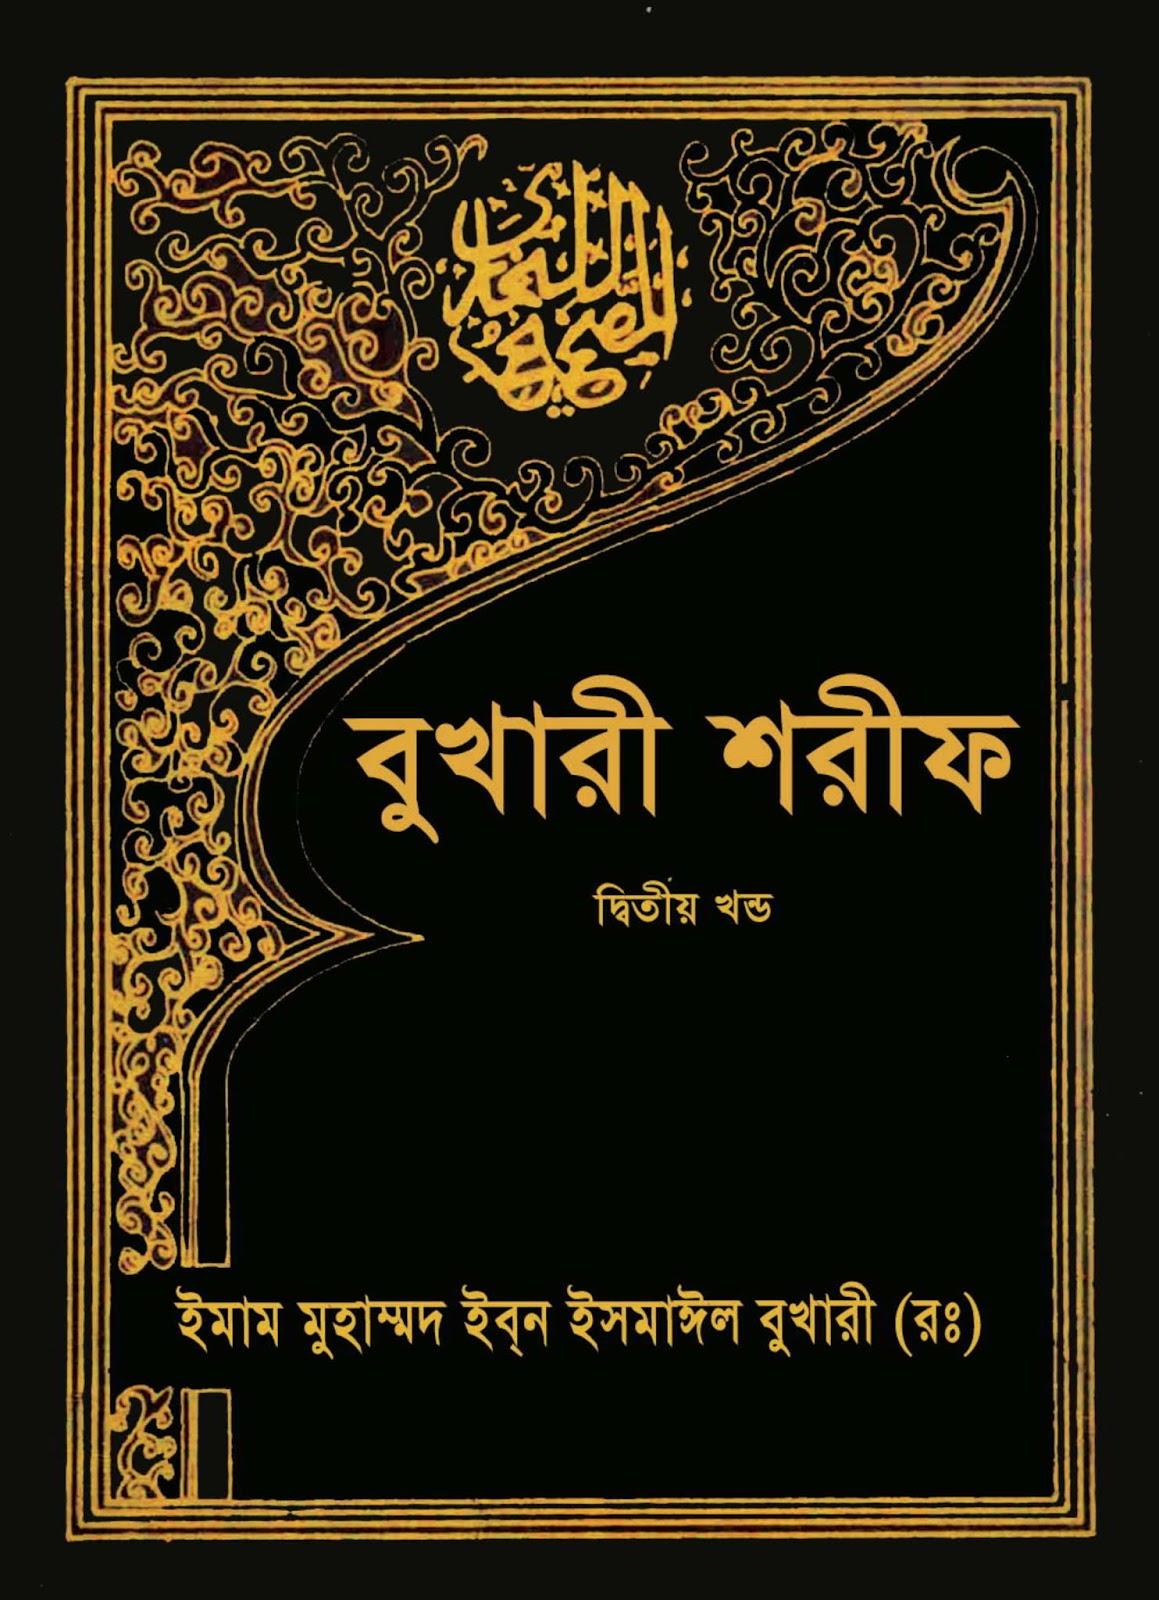 বোখারী শরীফ ২য় খন্ড pdf | বোখারী শরীফ ফ্রিতে ডাউনলোড করুন |bangla hadith | bangla hadis | hadithbd | হাদিস